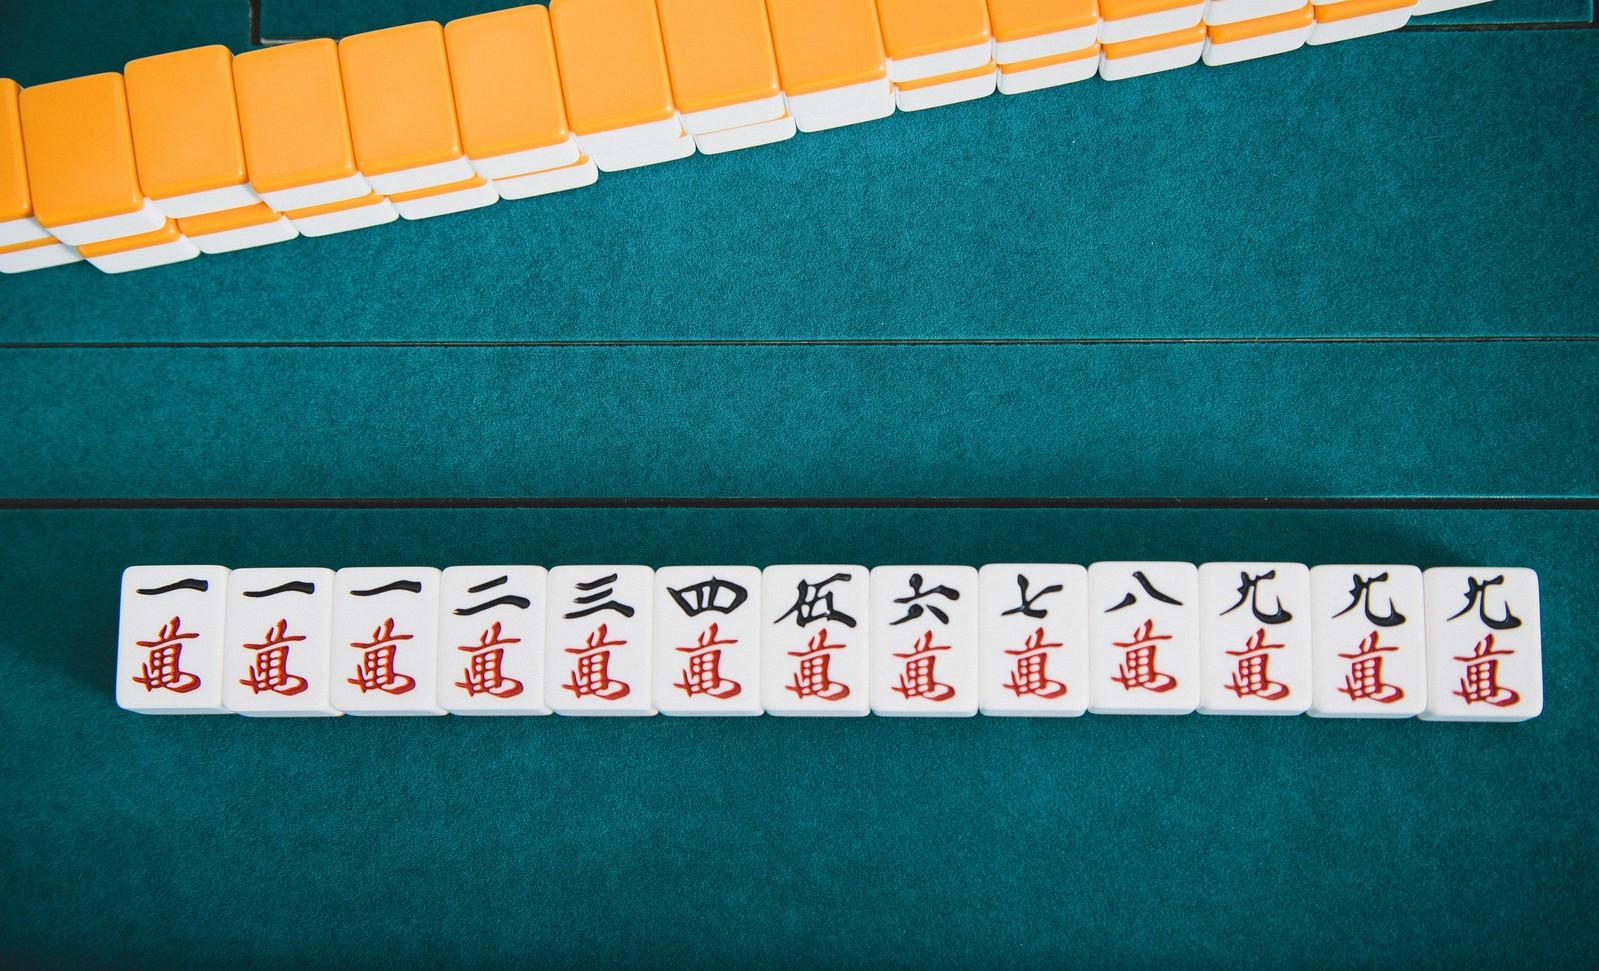 「九蓮宝燈(ちゅうれんぽうとう)」の写真